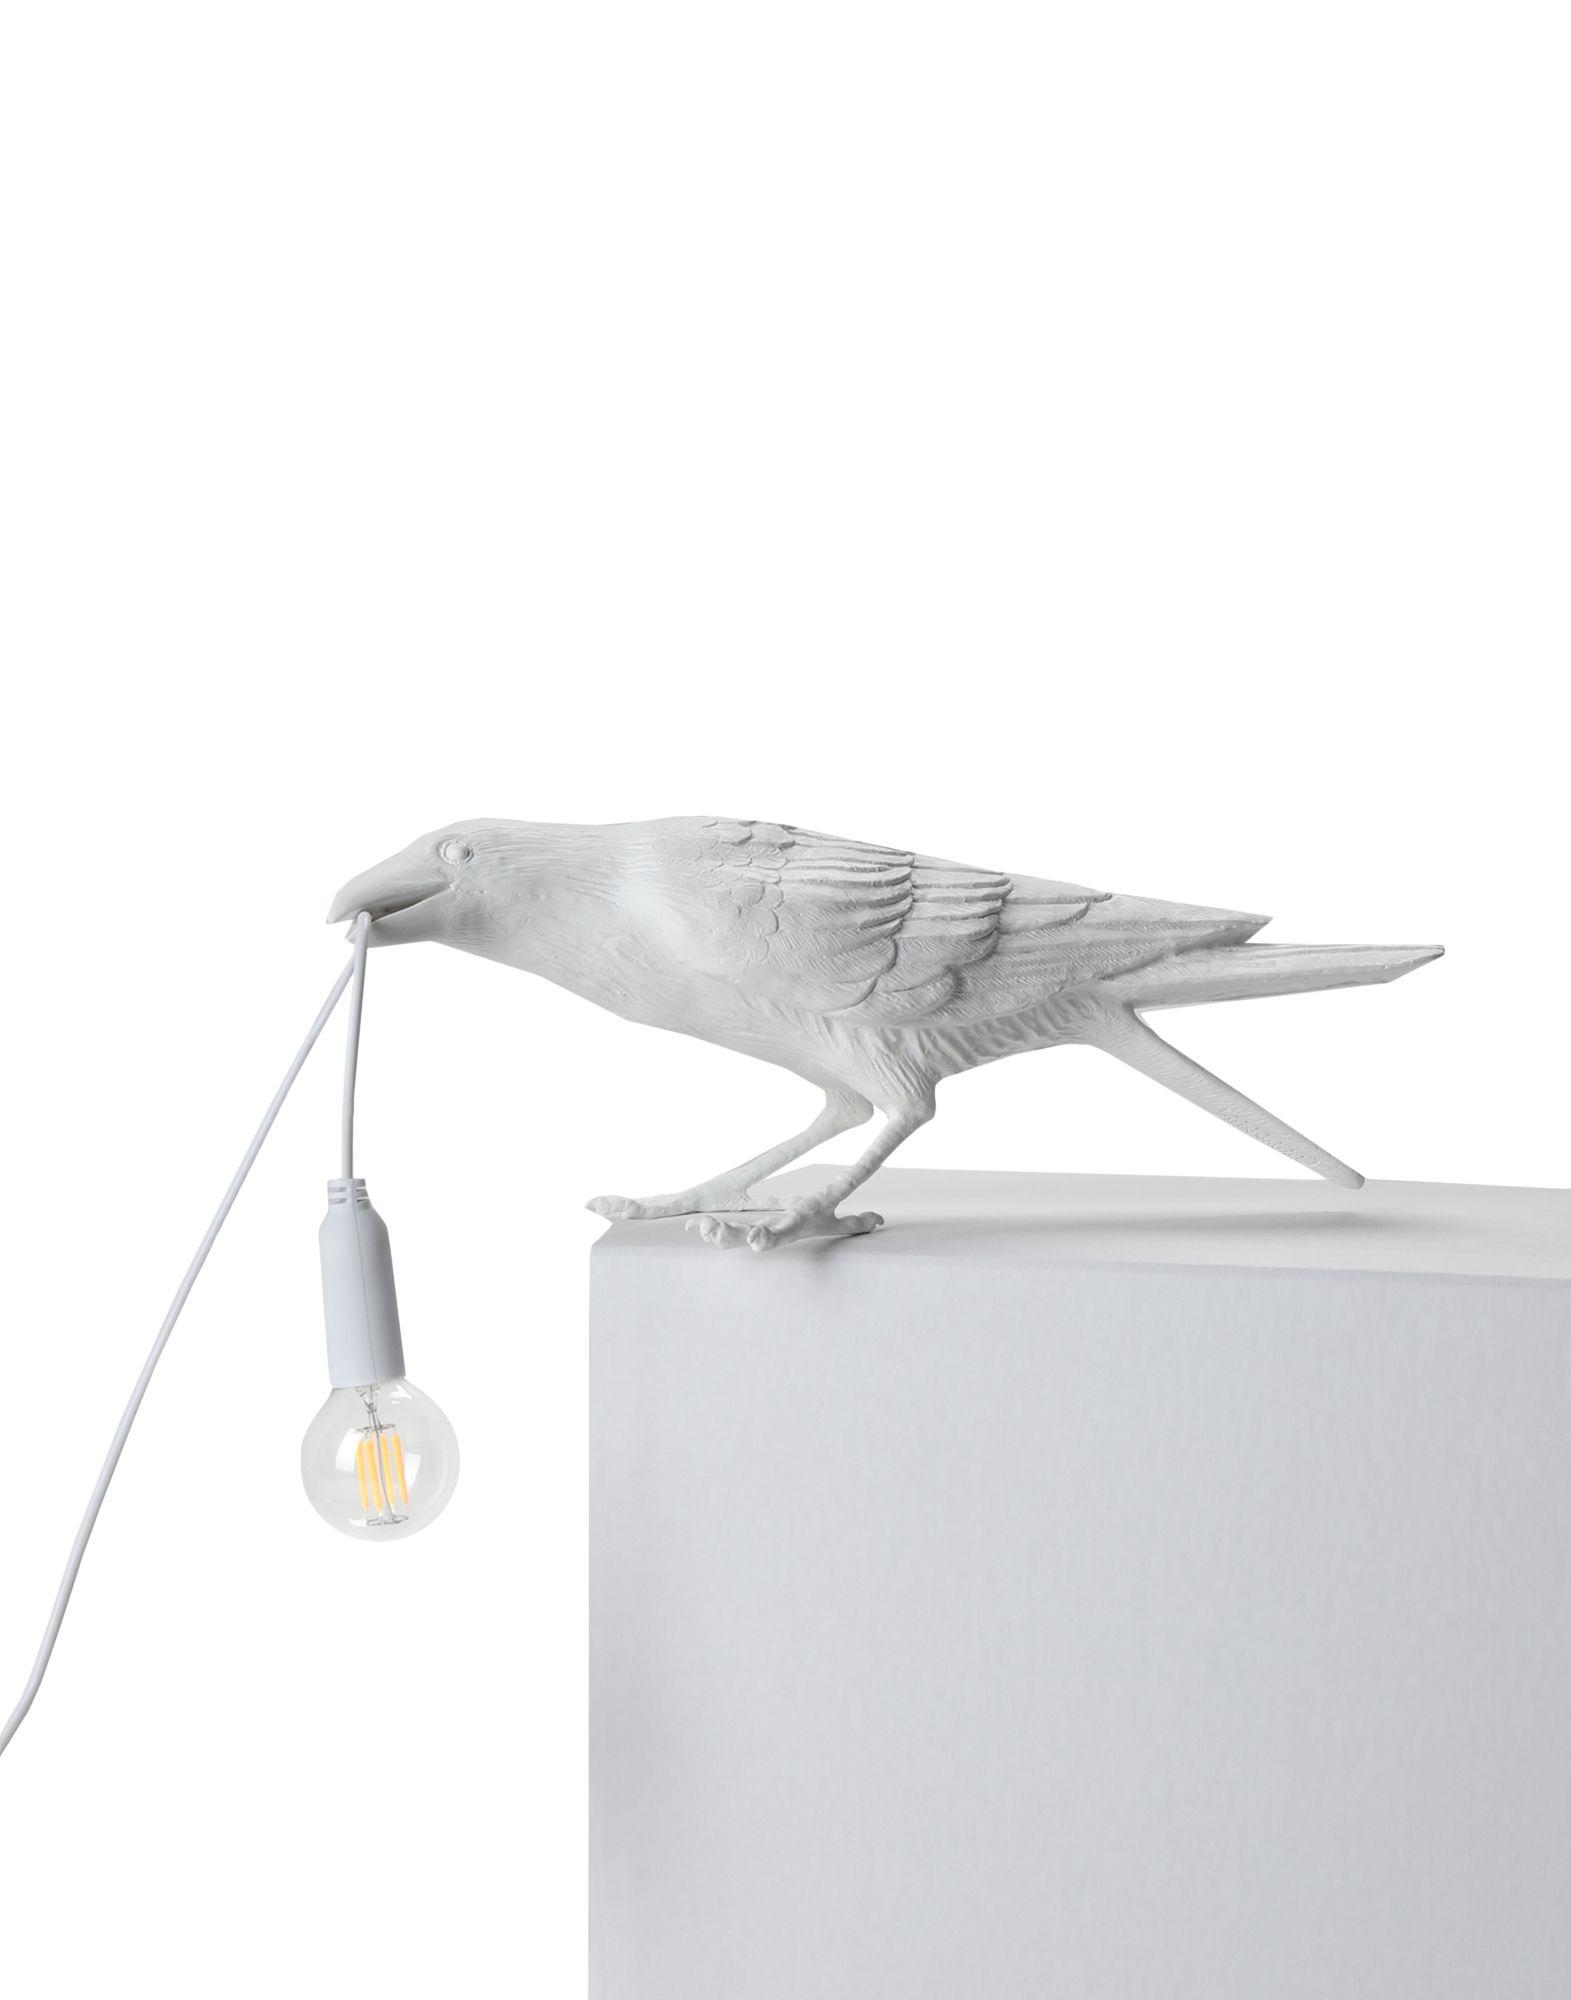 SELETTI Настольная лампа настольная лампа офисная roma lst 4274 01